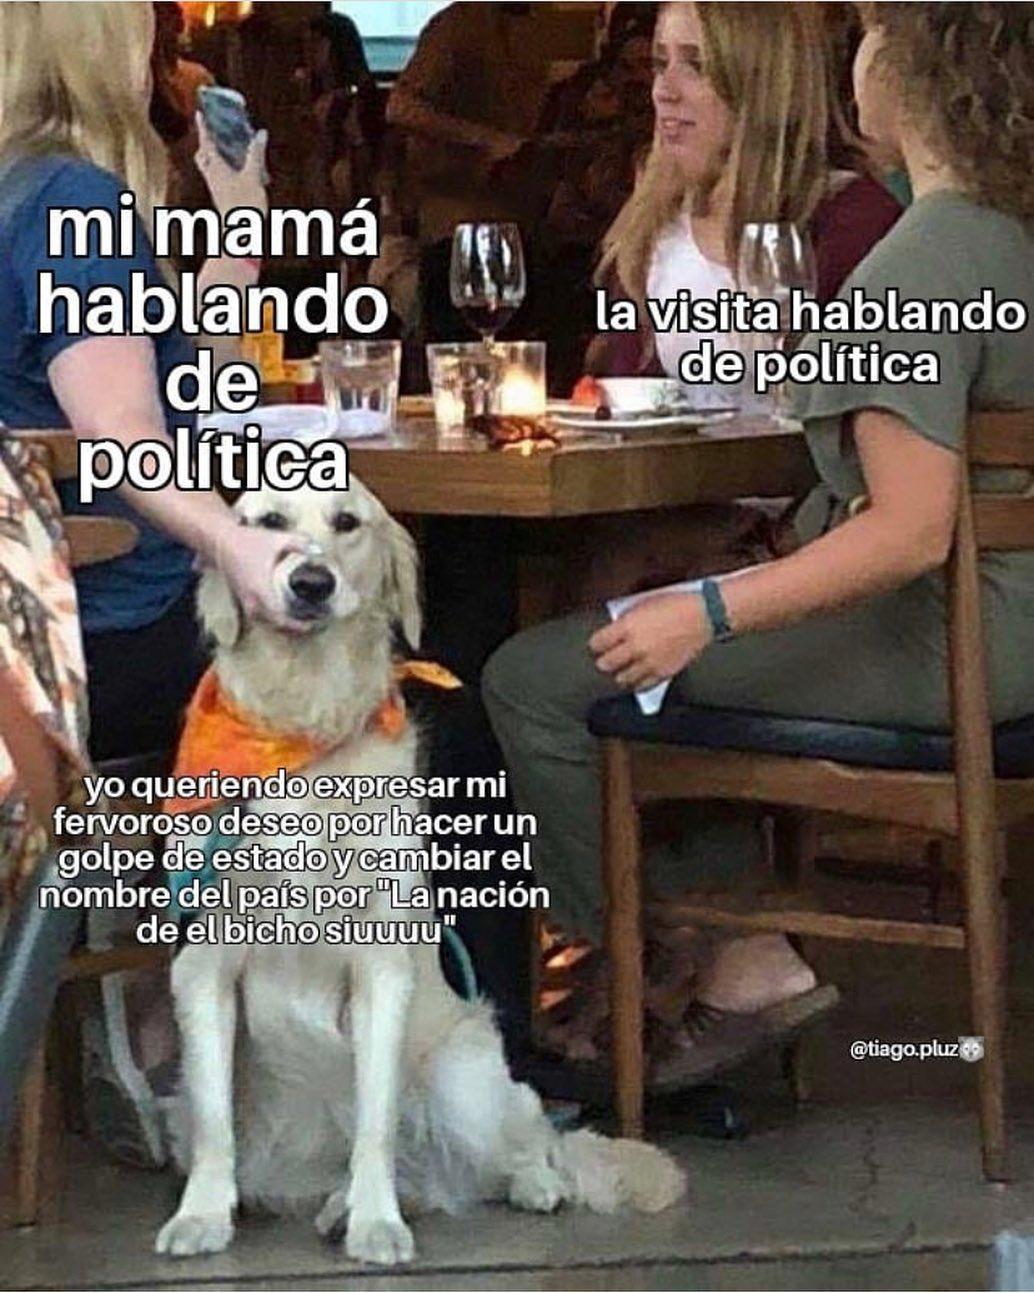 """Mi mamá hablando de política. La visita hablando de política.  Yo queriendo expresar mi fervoroso deseo por hacer un golpe de estado y cambiar el nombre del país por """"La nación de el bicho siuuuu""""."""